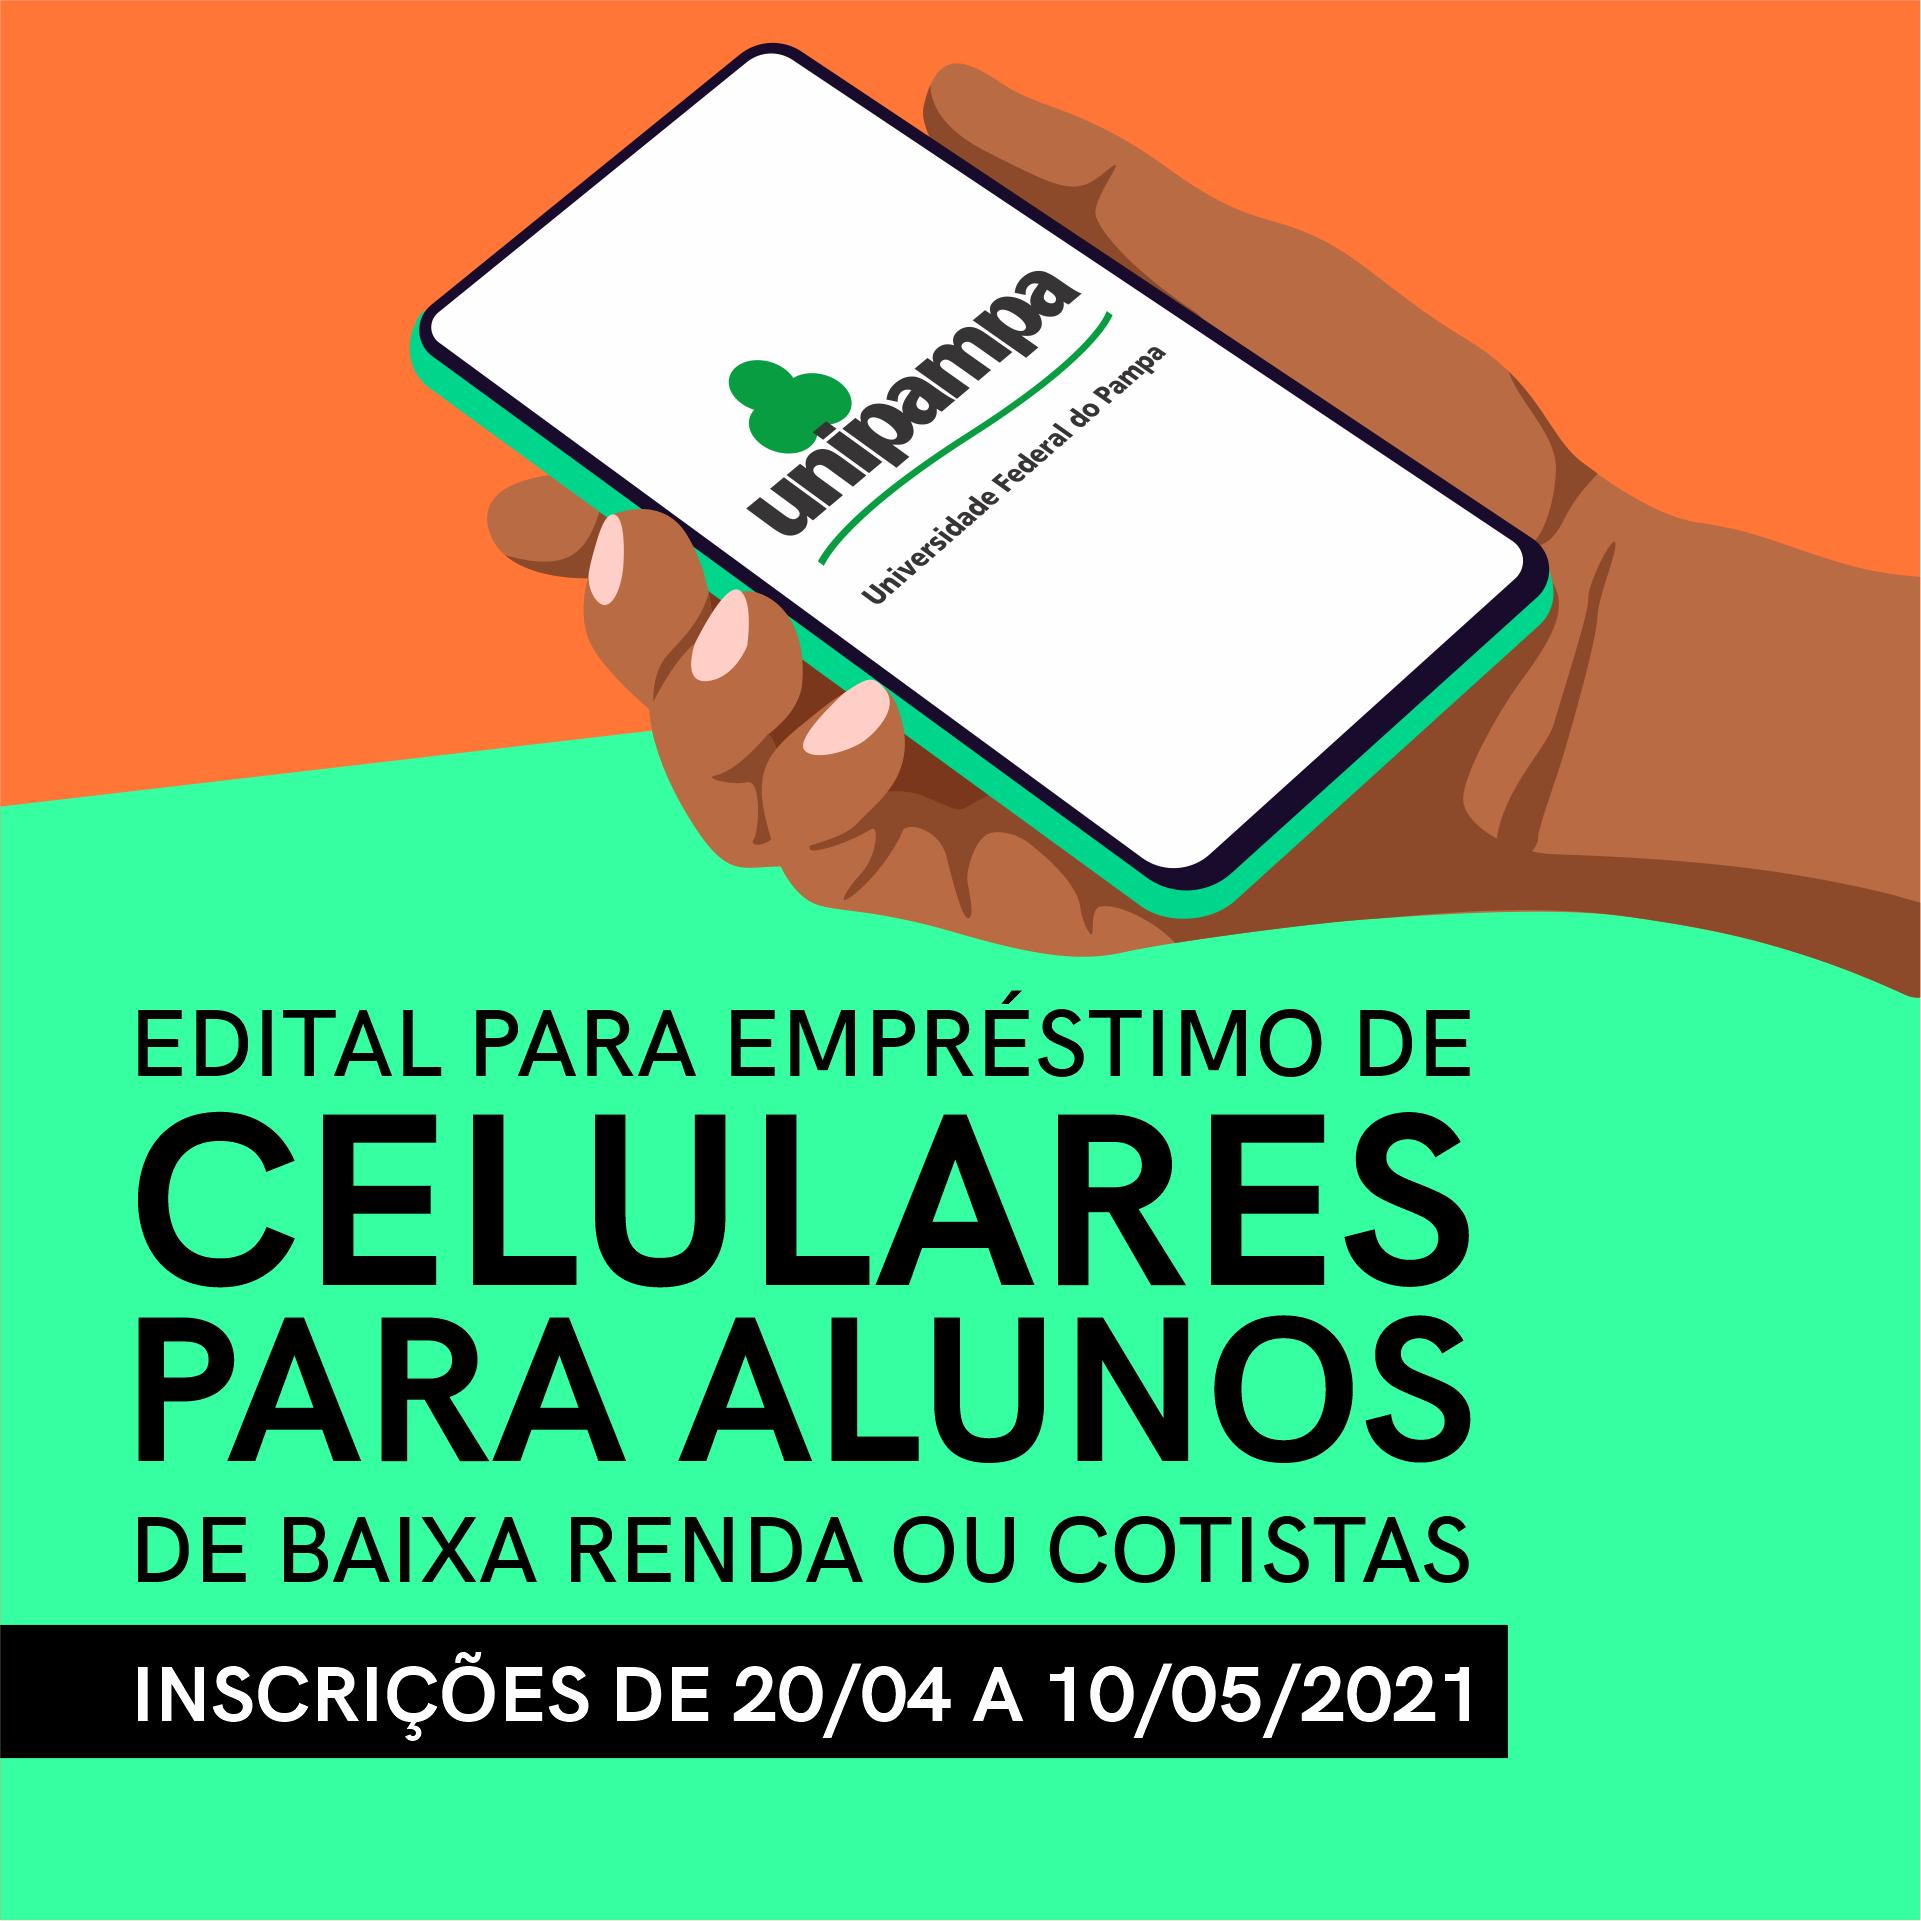 Edital para empréstimo de celulares para alunos de baixa renda ou cotistas. Inscrições até 10 de maio.